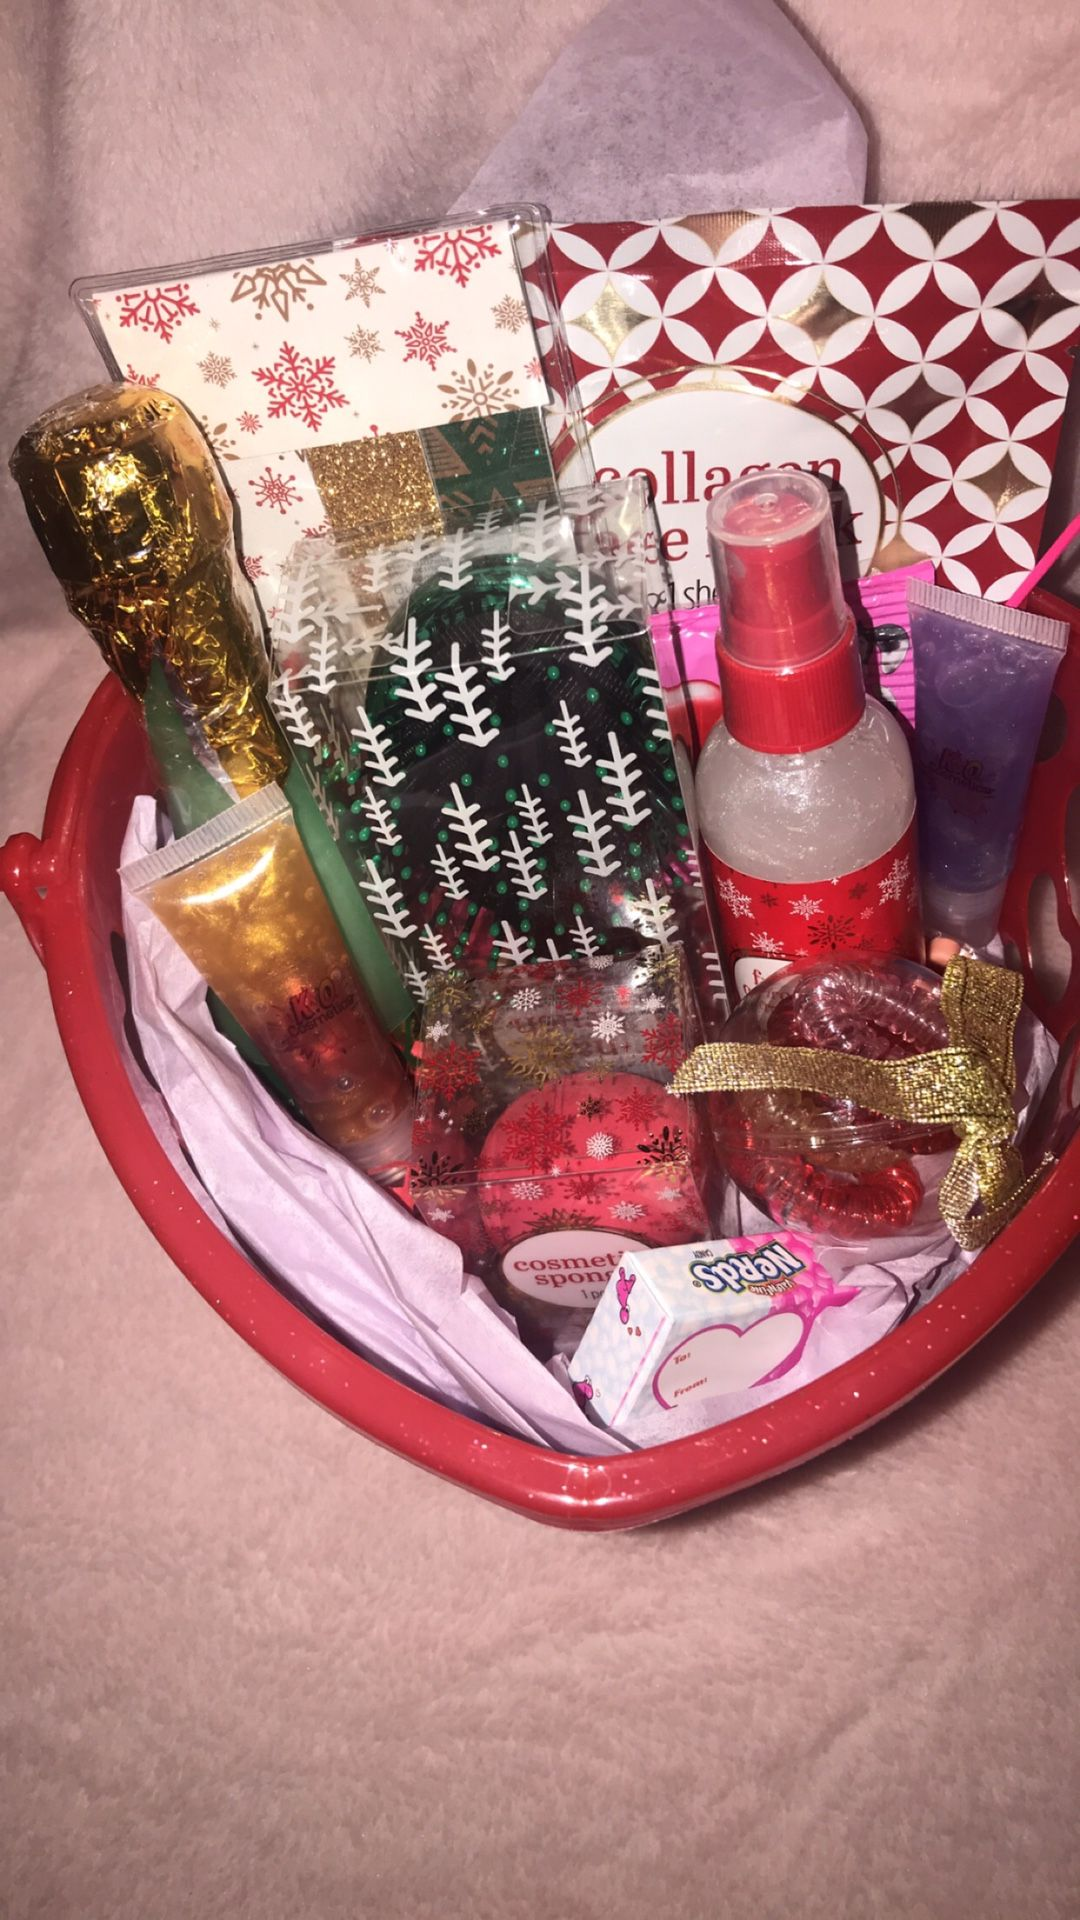 Valentine's Day Baskets 💛